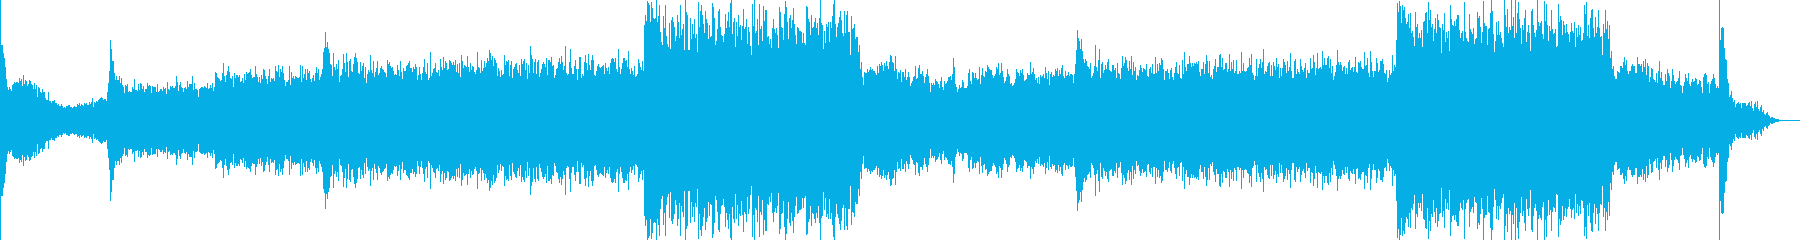 映画音楽、シネマティック映像向け-08の再生済みの波形